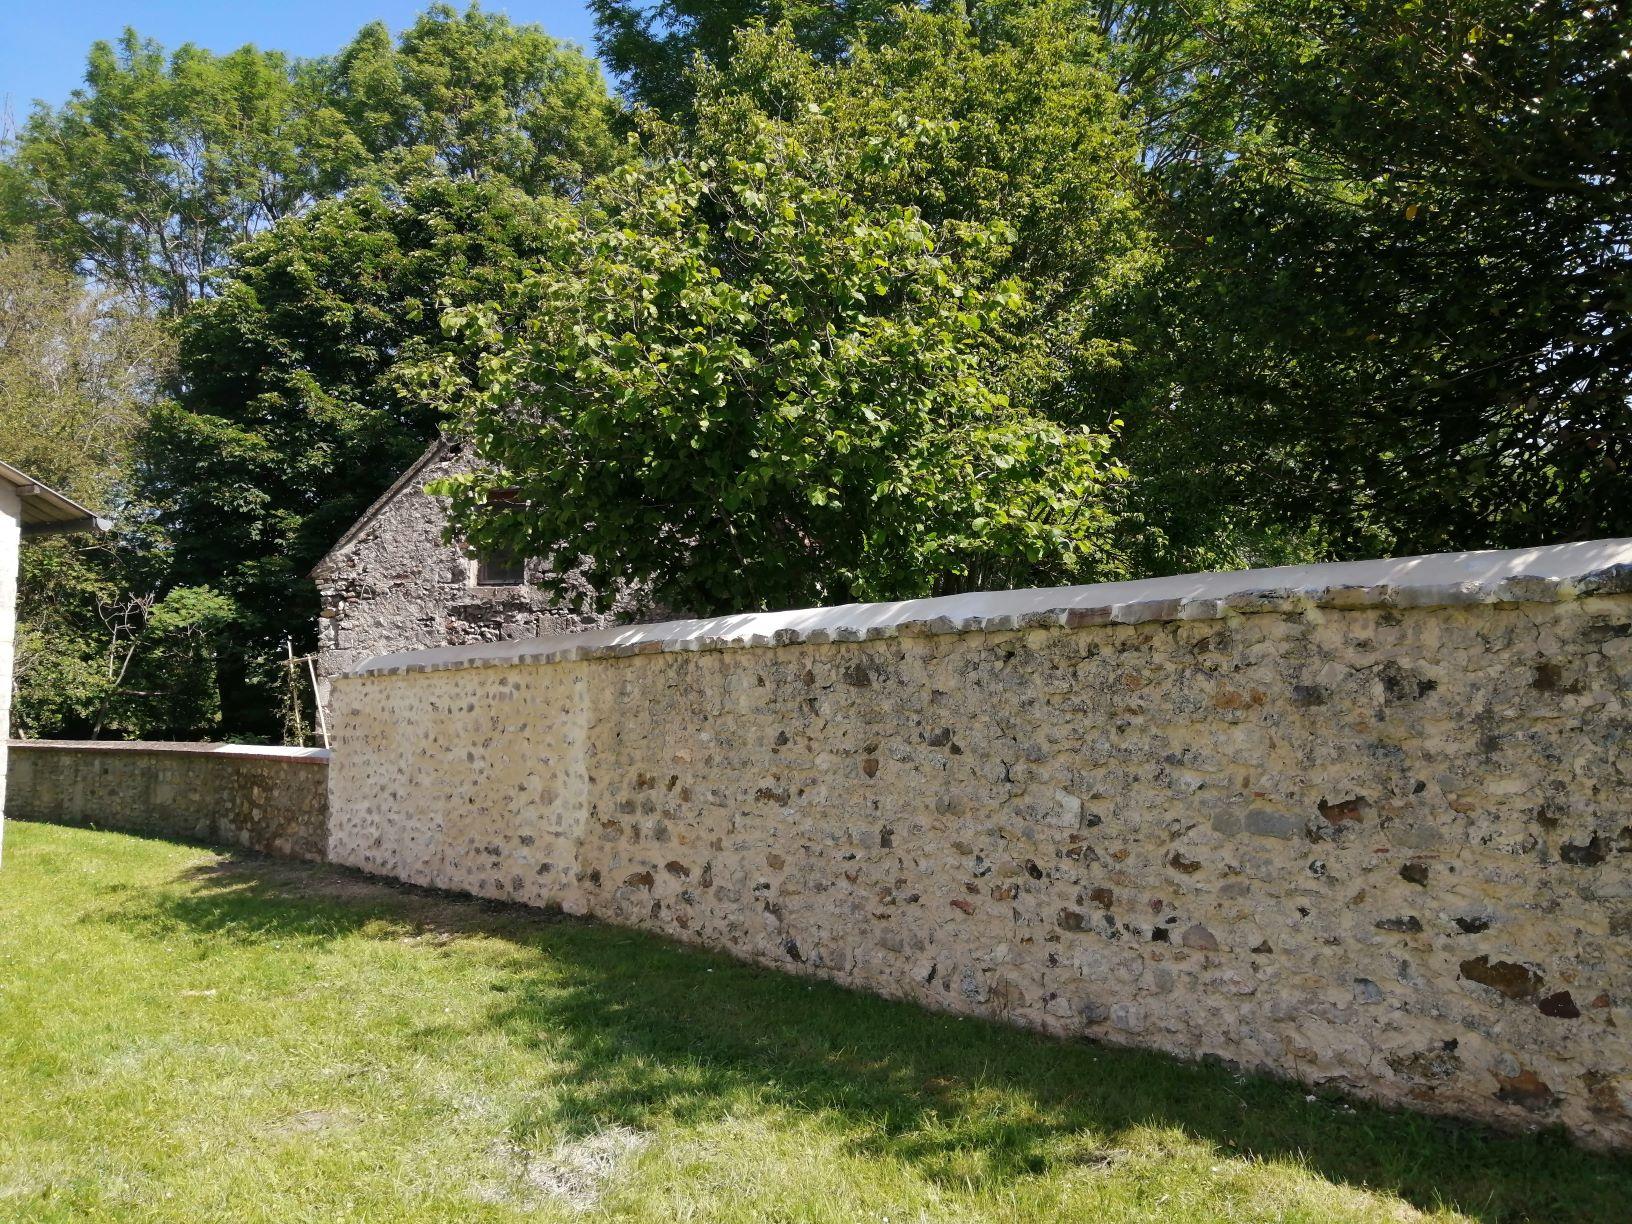 mur église5 reduite.jpg